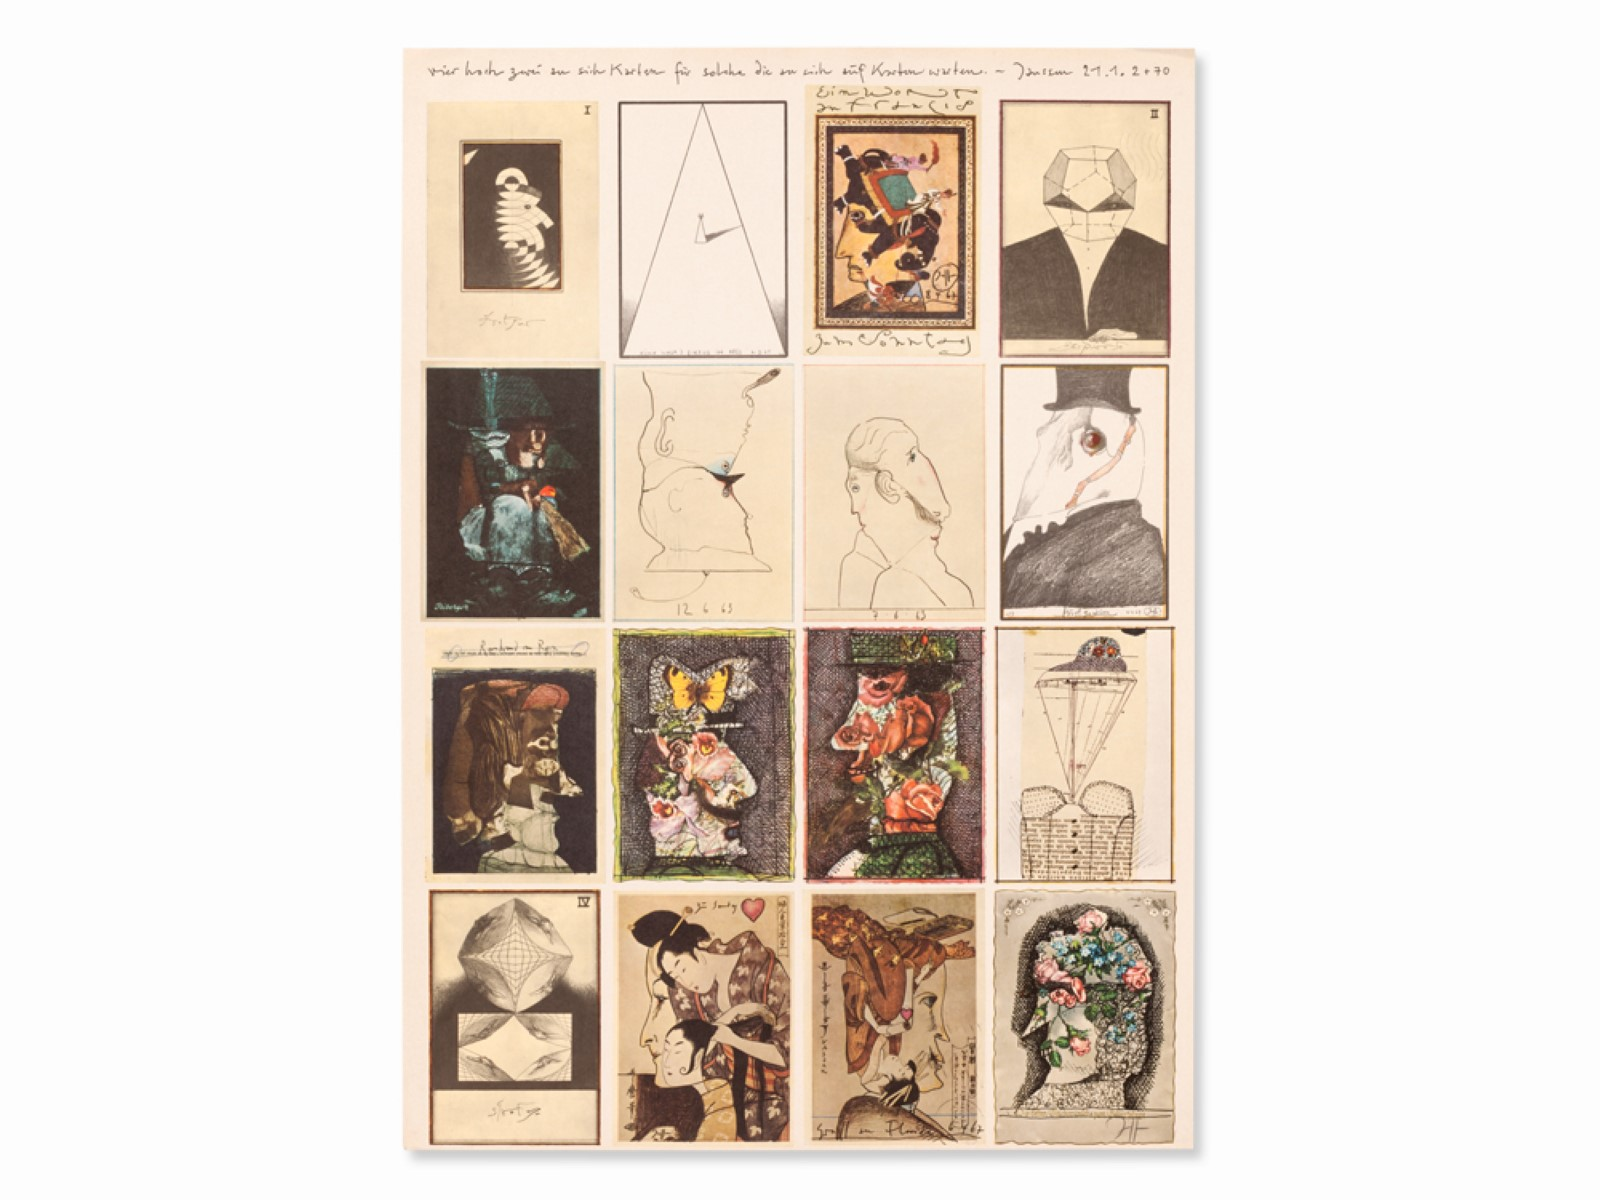 #13 Horst Janssen* (1929-1995), Four to the Power of Two to himself Cards, 1972   Horst Janssen* (1929-1995), Vier hoch zwei zu sich Karten, 1972 Image